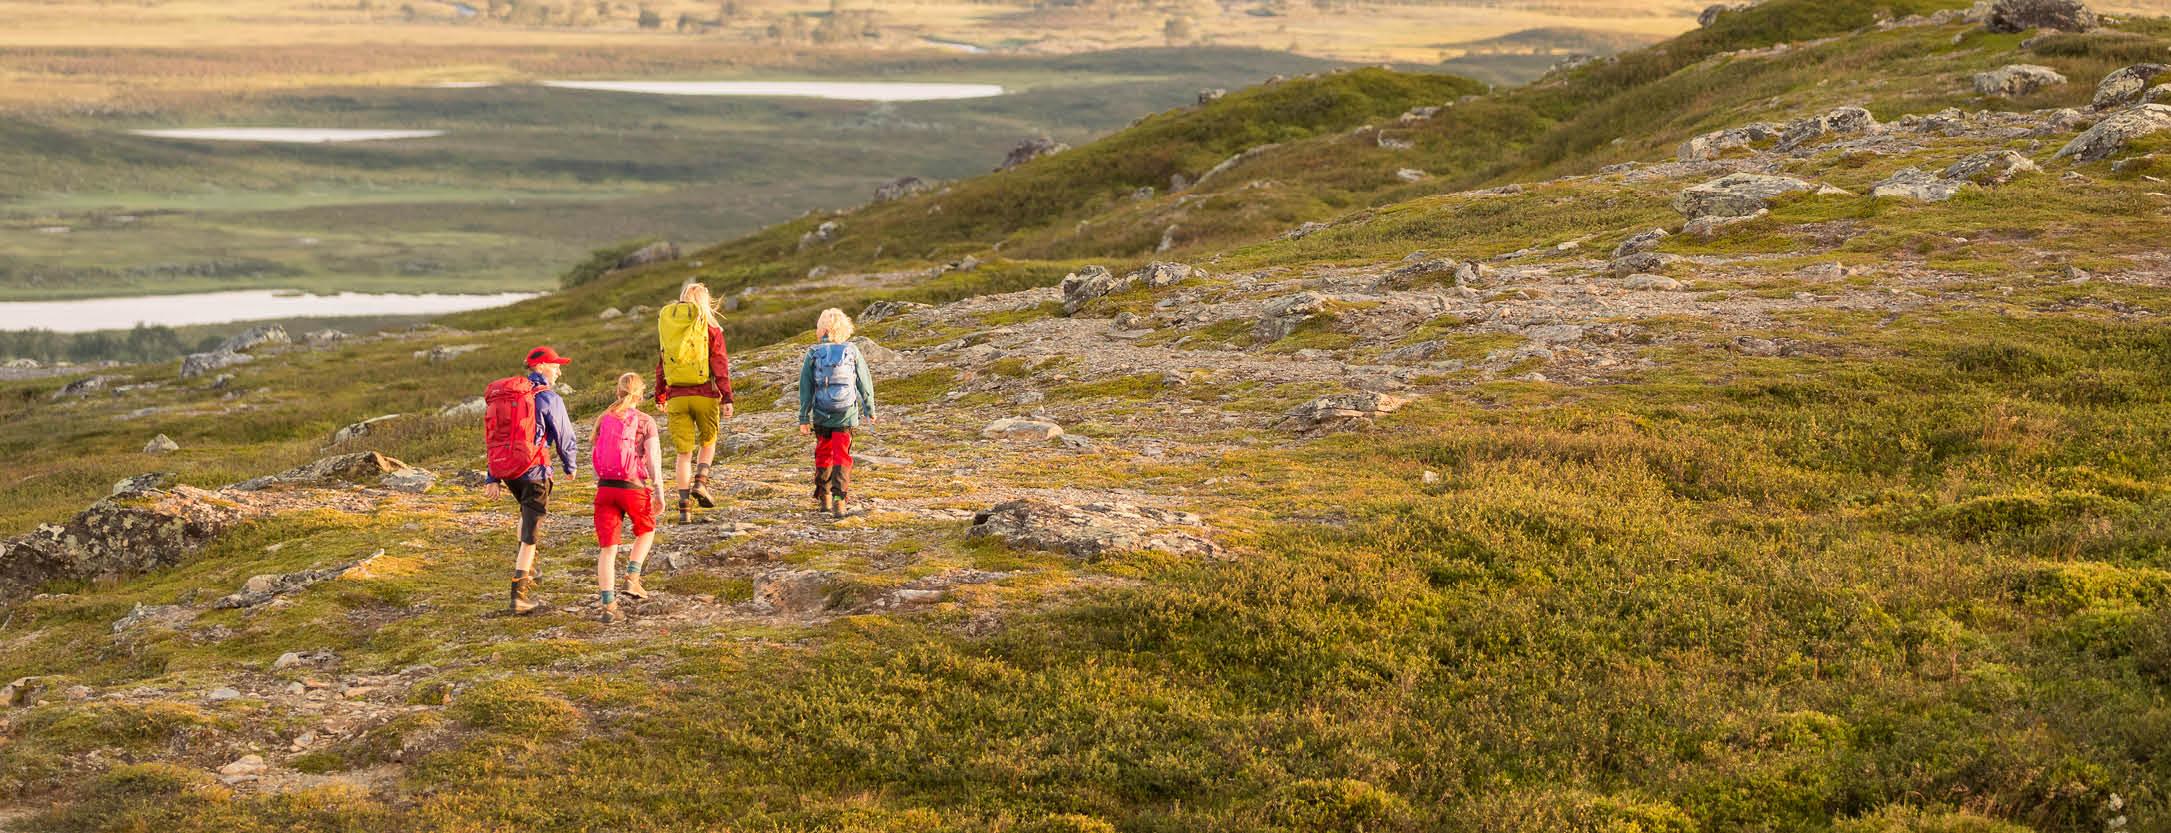 Ta med familjen till Åre i midsommar!